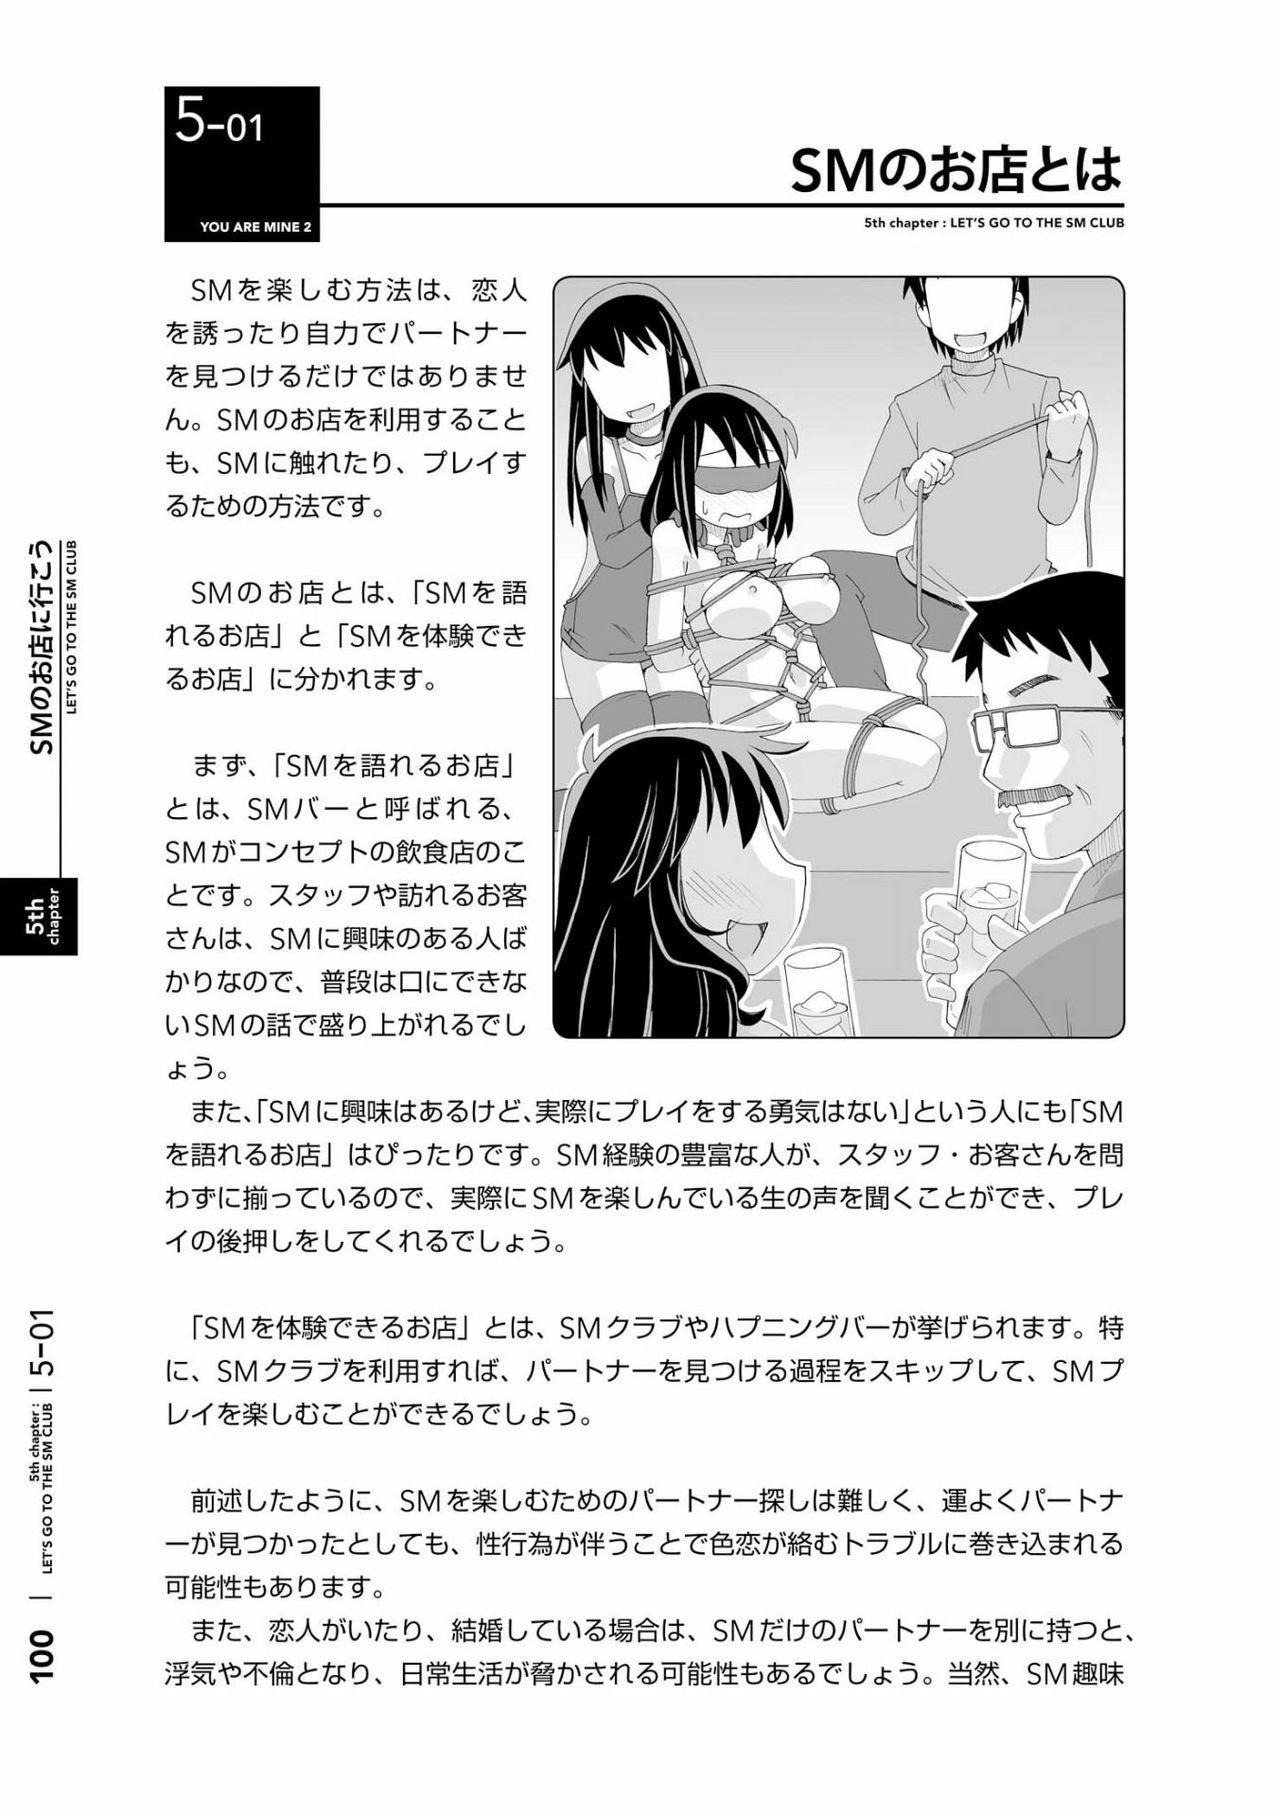 [Mitsuba] Karada mo Kokoro mo Boku no Mono ~Hajimete no SM Guide~ 2 [Digital] 102